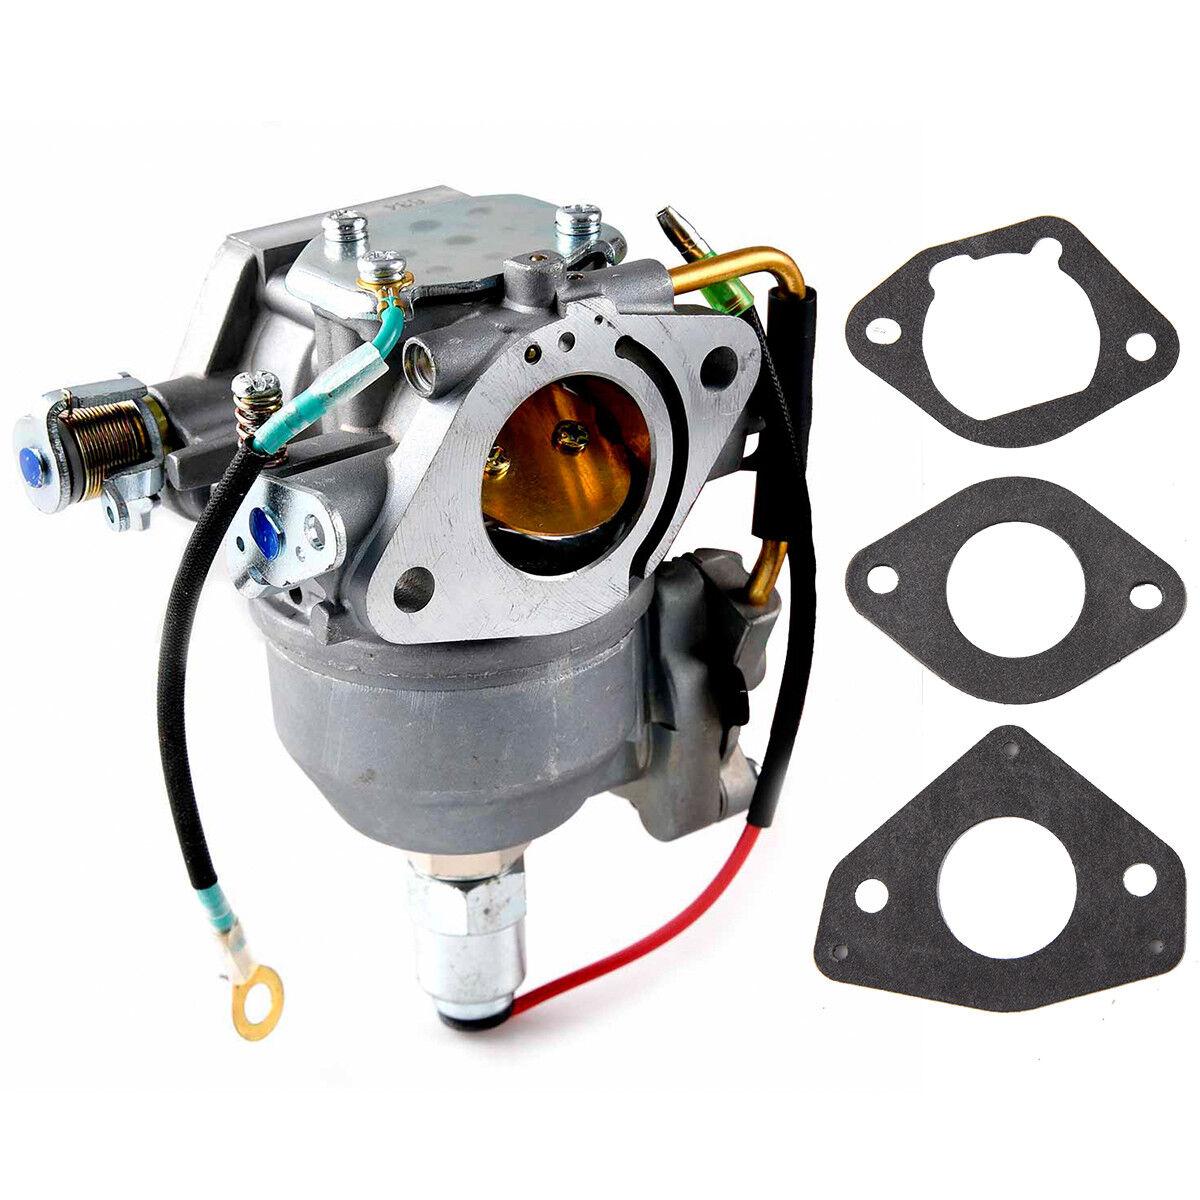 Cocheburador Para Kohler CV730 S CV740 S 25HP 27HP Motor 24853102-S Tractor Cocheb